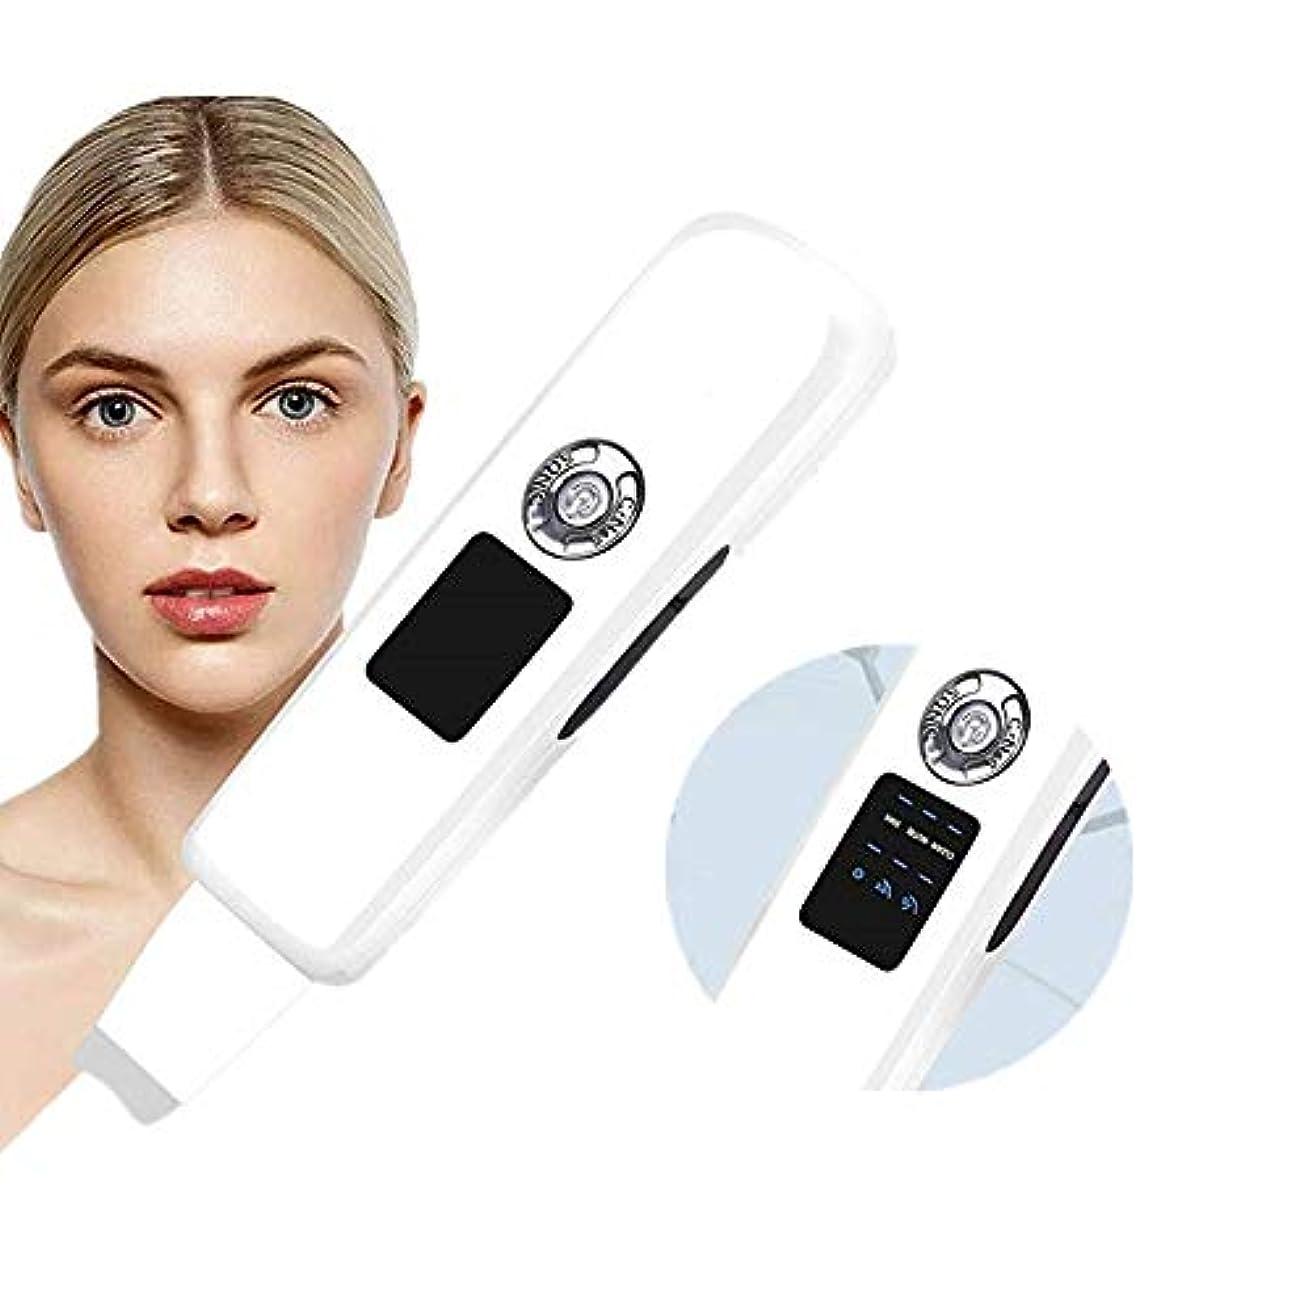 矛盾ホバート元気顔の皮膚スクラバー、ジェントルは男性女性ネックホワイトニングTighting若返りのためのリフティング&ファーミングツール、ブラックヘッドコメド毛穴クリーナー死んだ皮膚角質層の抽出を削除します